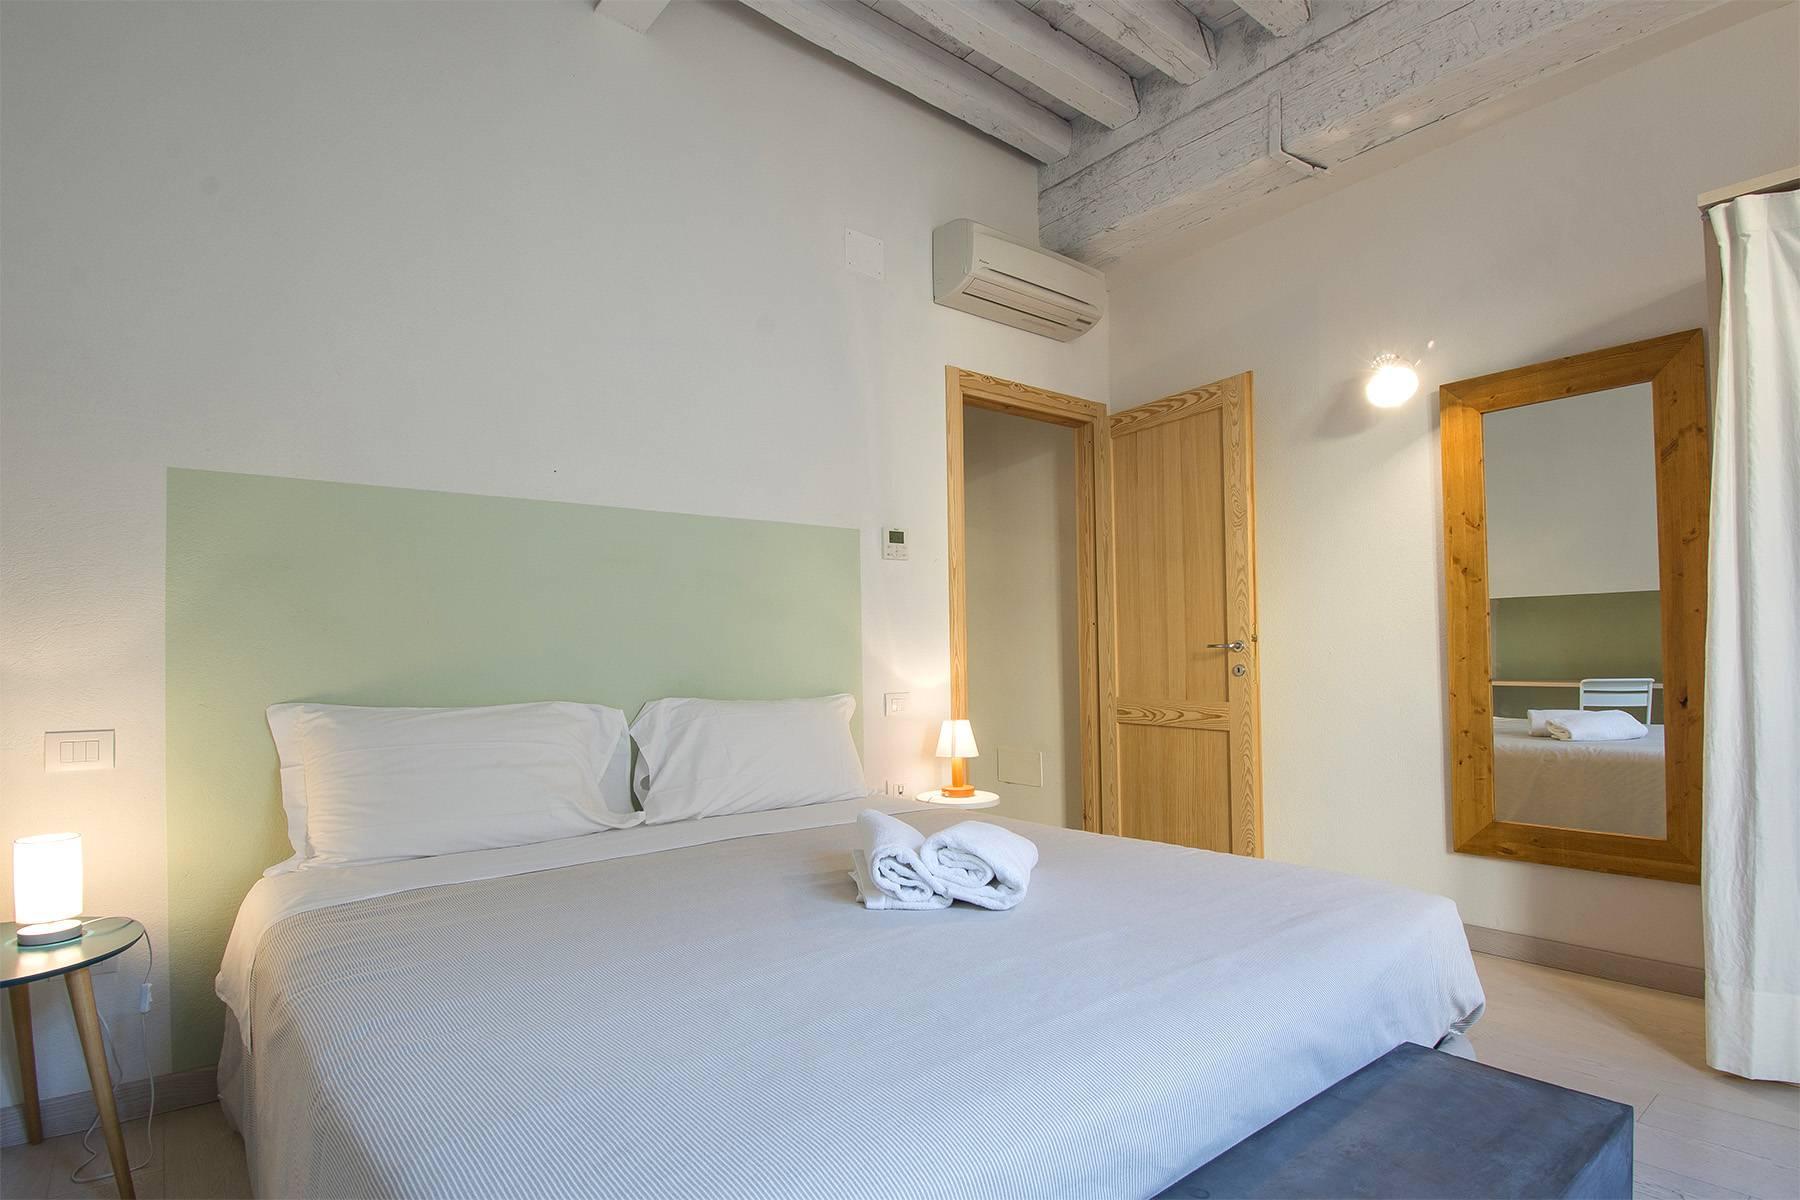 Appartamento in Vendita a Lucca: 3 locali, 105 mq - Foto 6